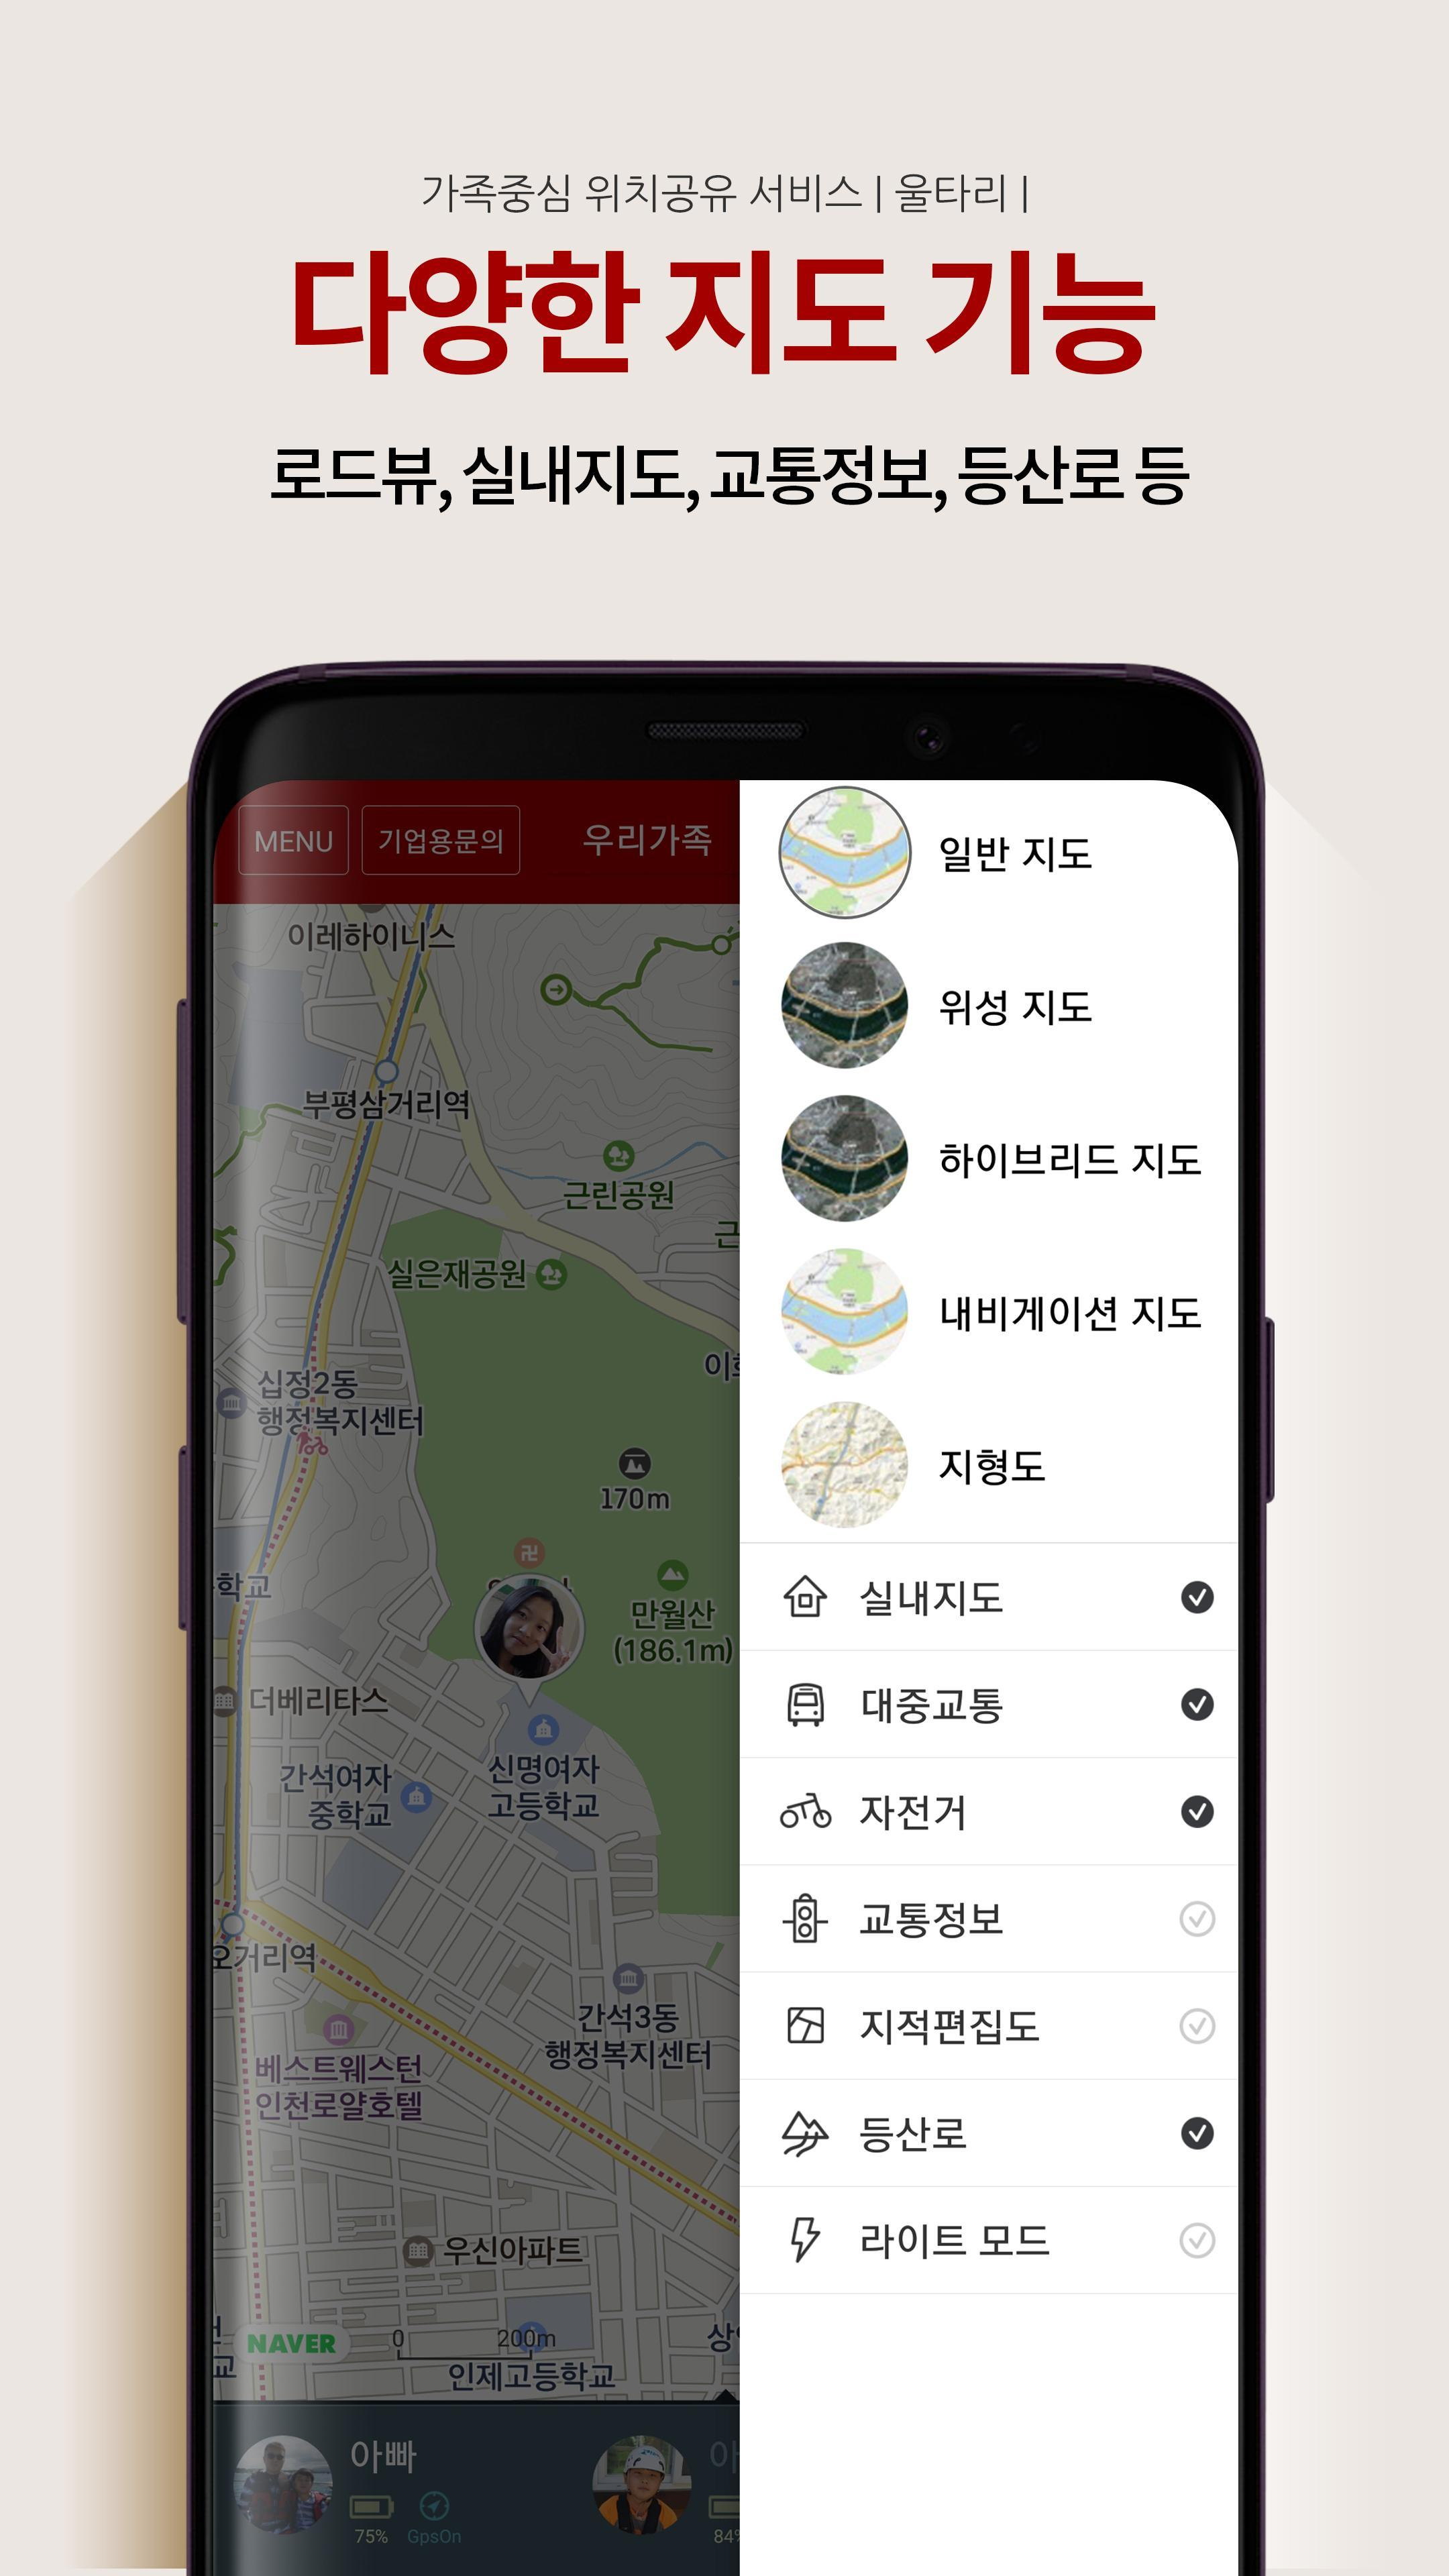 울타리 - 위치추적, 이동경로, 위치공유, 가족위치확인, 위치관제 5 تصوير الشاشة